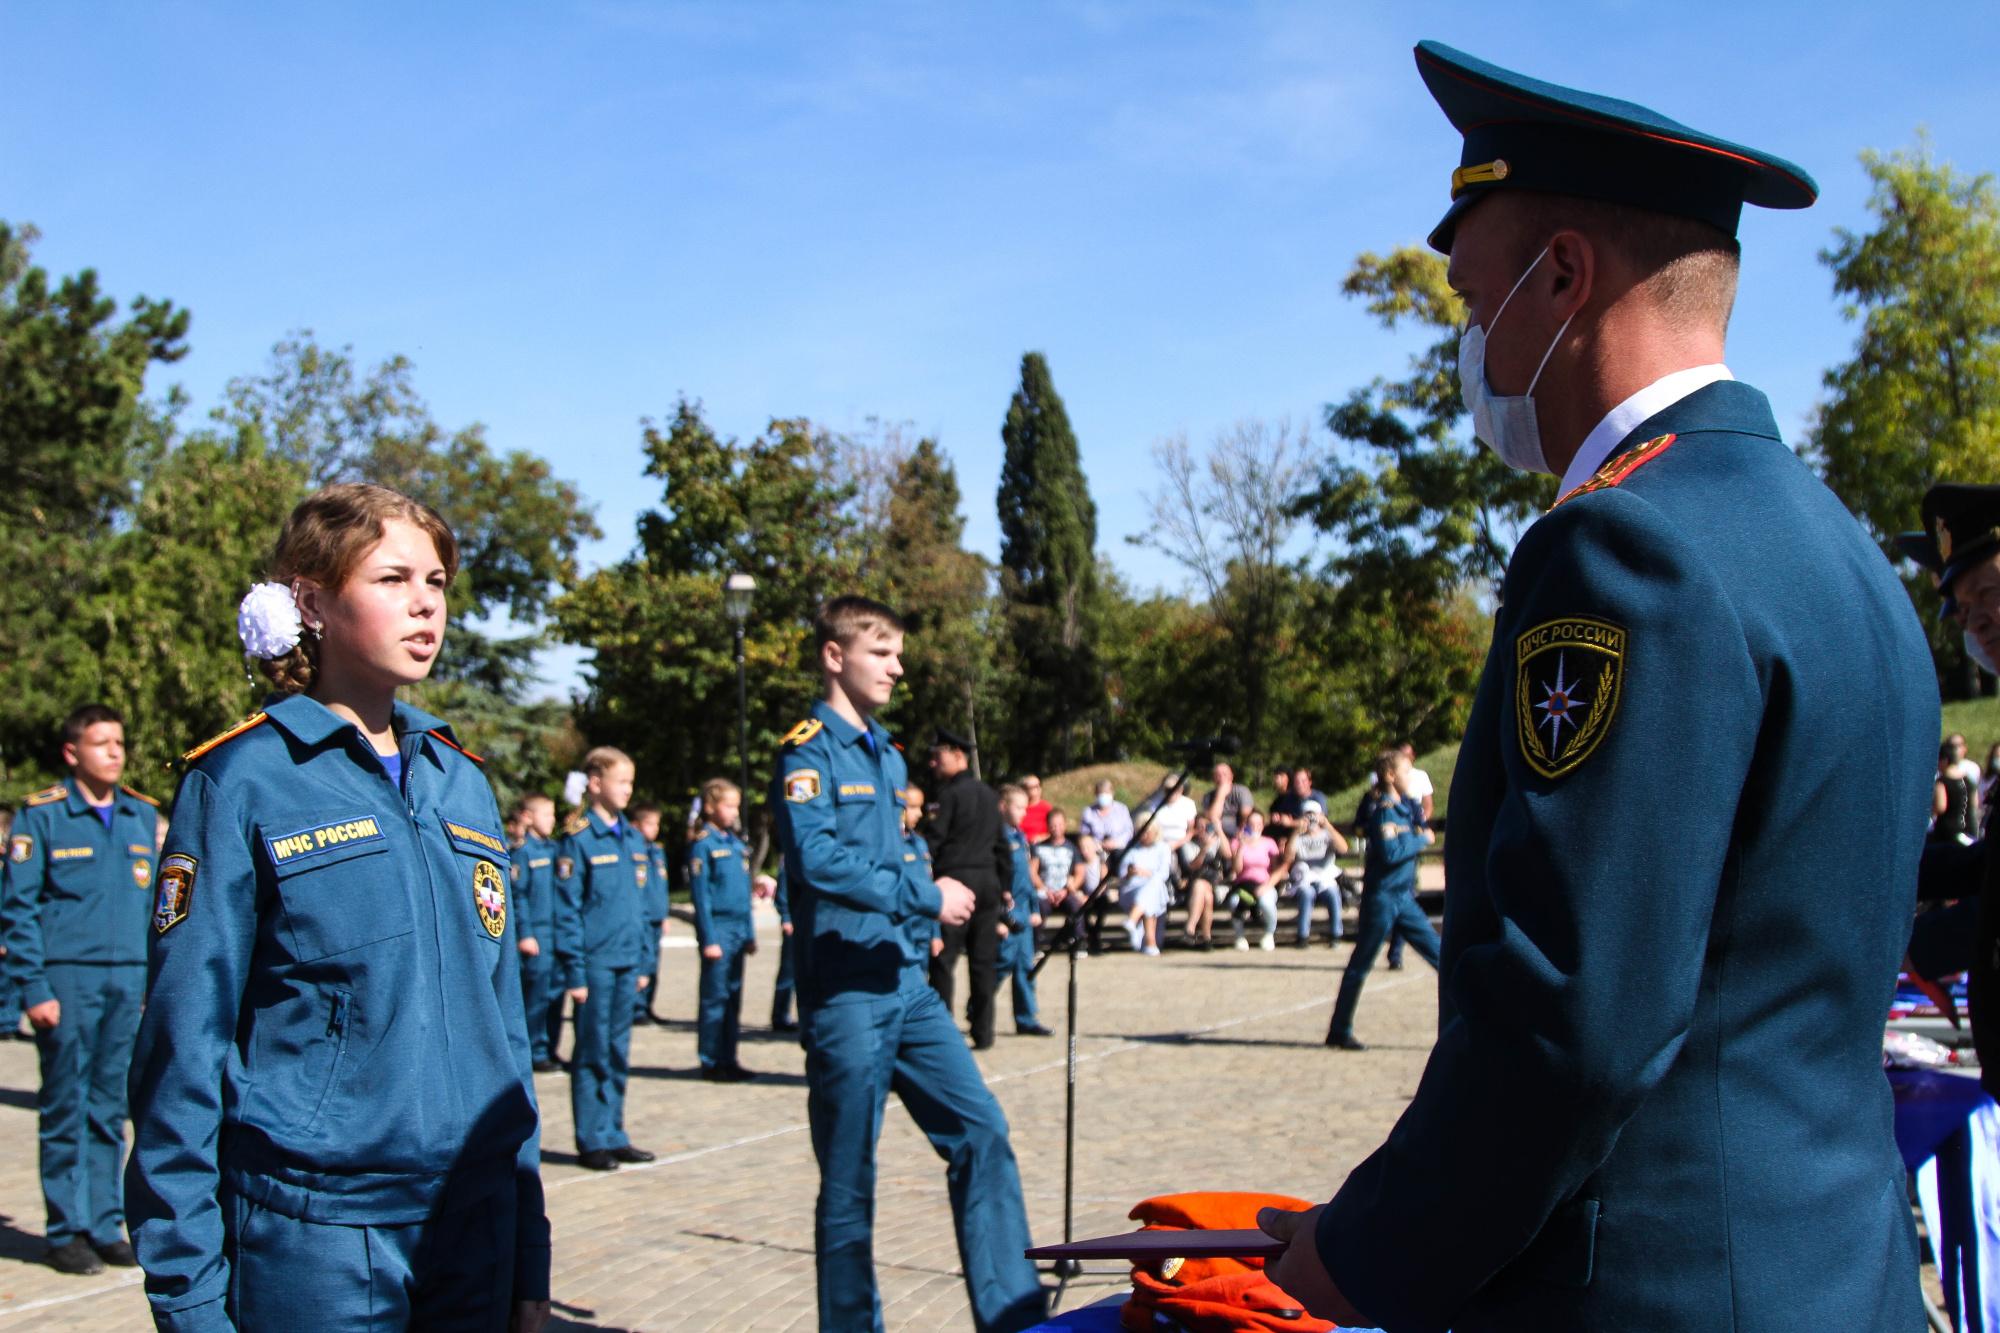 В Севастополе состоялось юбилейное посвящение в кадеты МЧС России